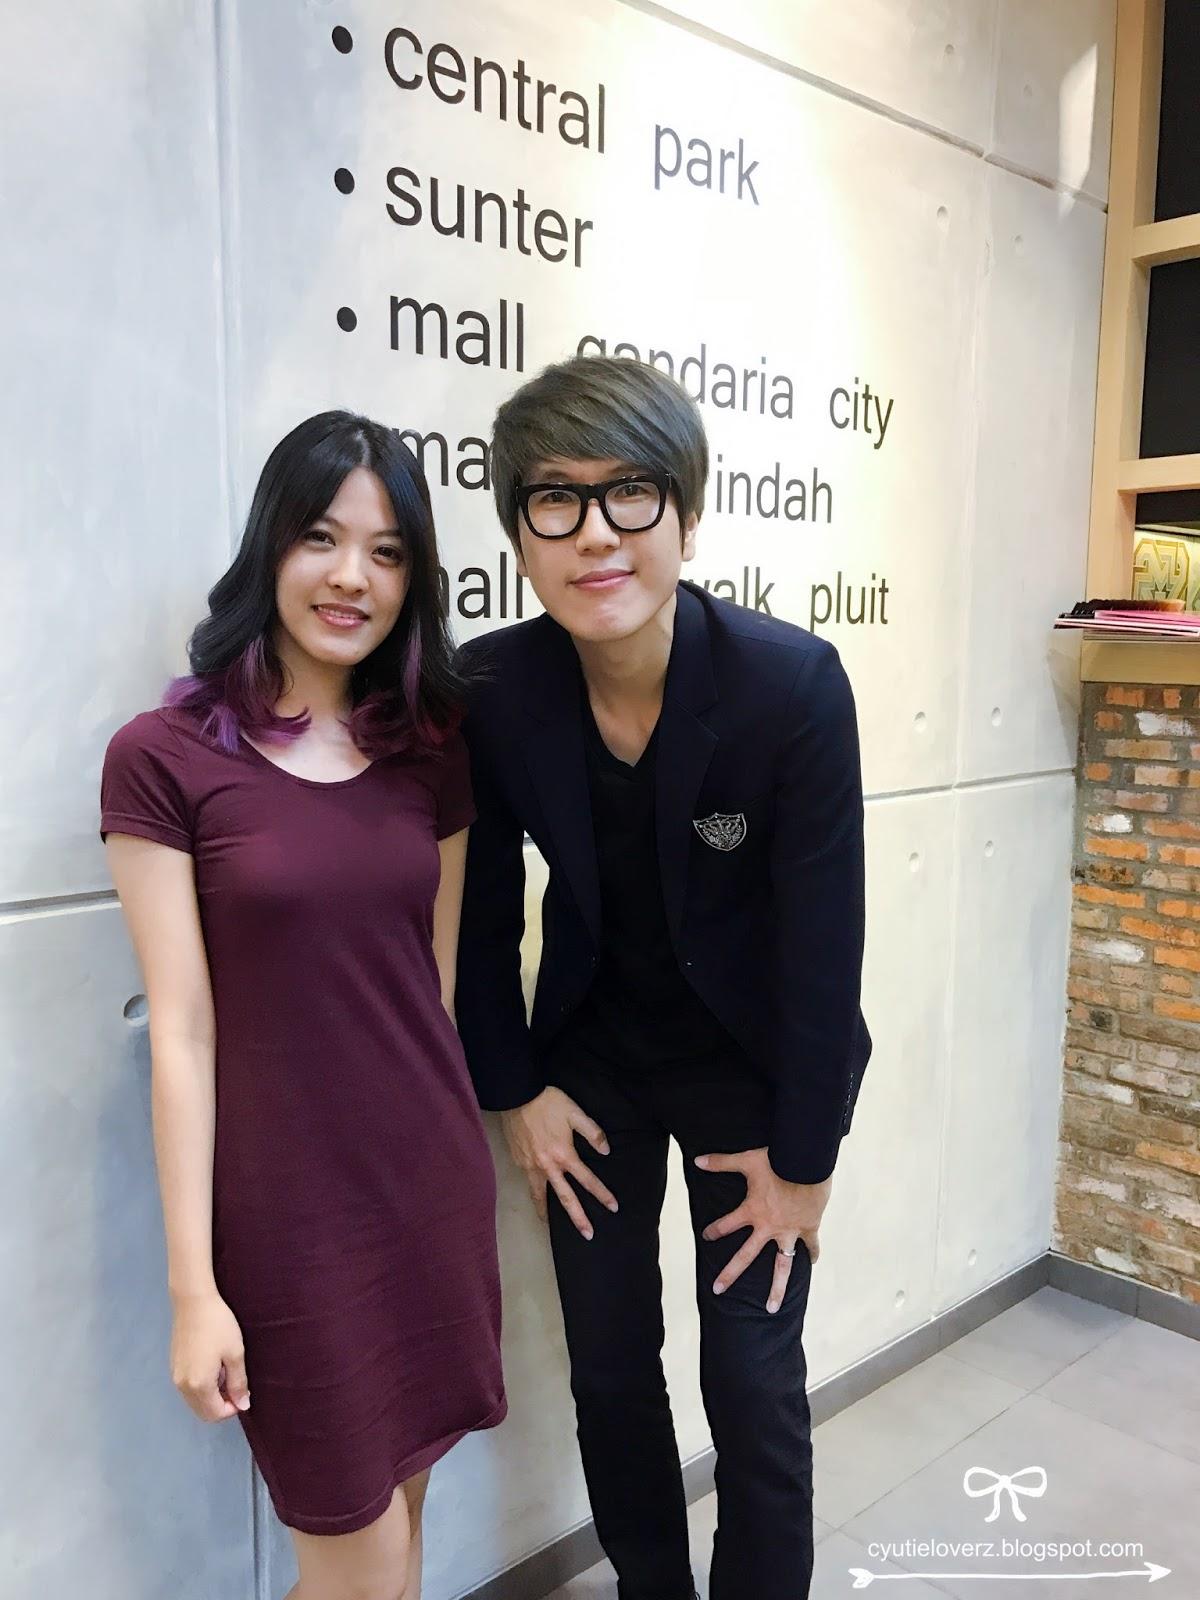 Ando And Yun Korean Salon Sunter Hair Cutting Styling Cyutieloverz Blog